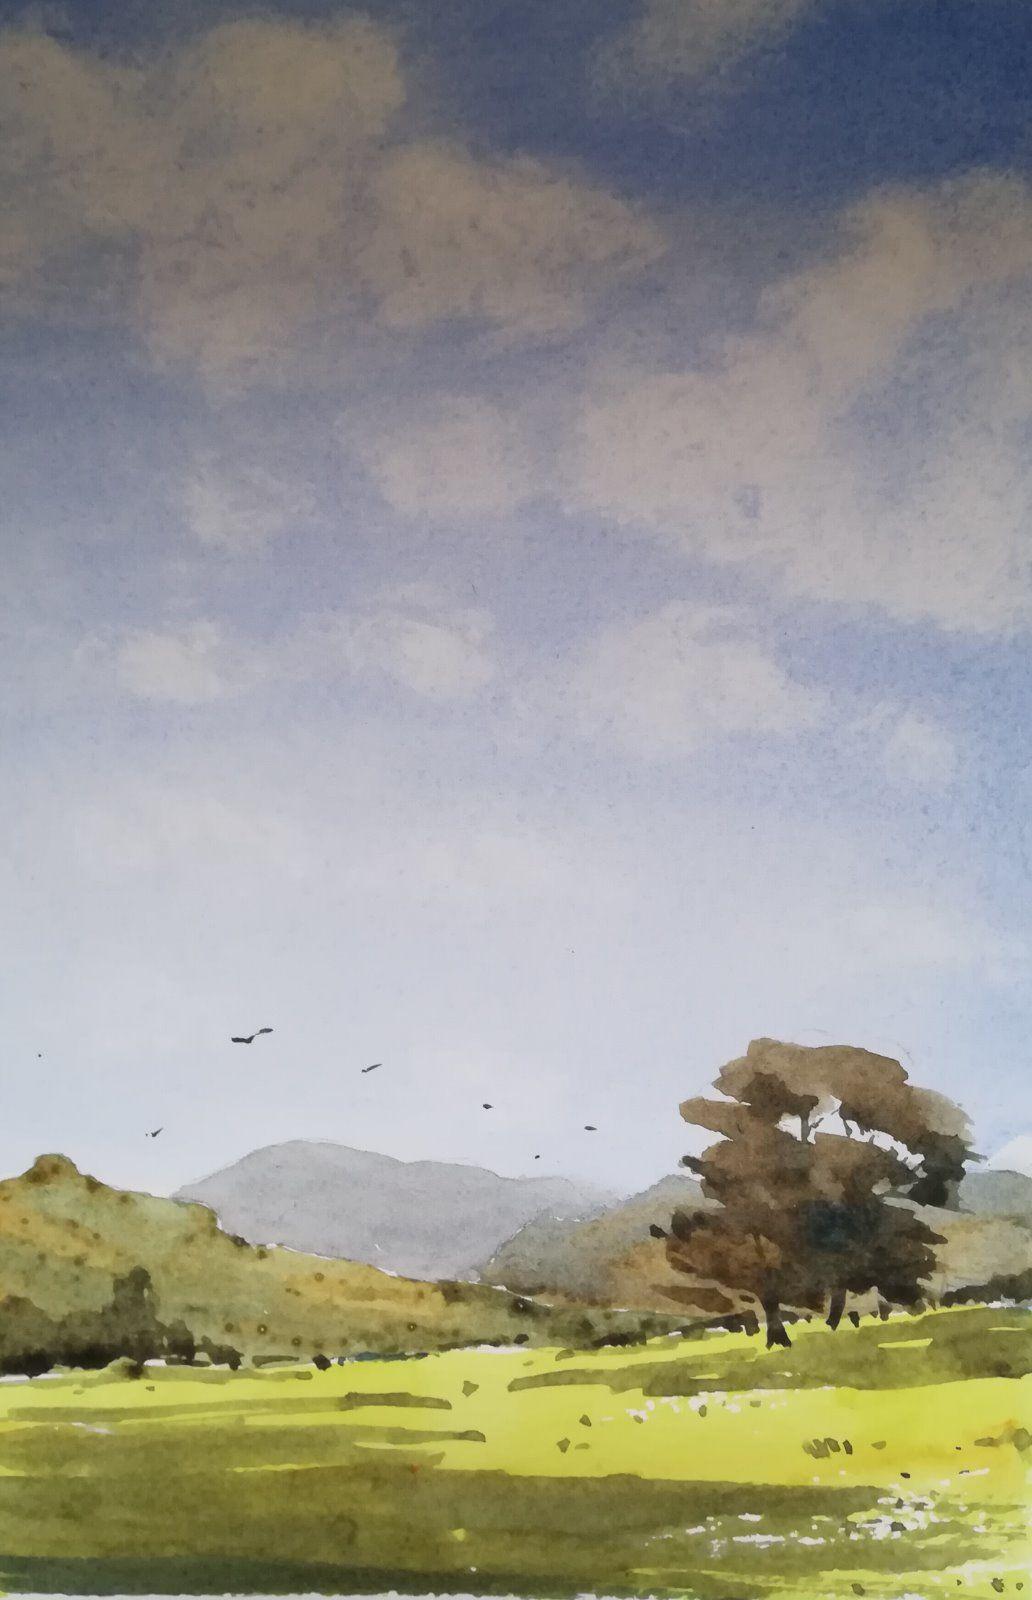 Cloud Shadows (portrait) - £50.00